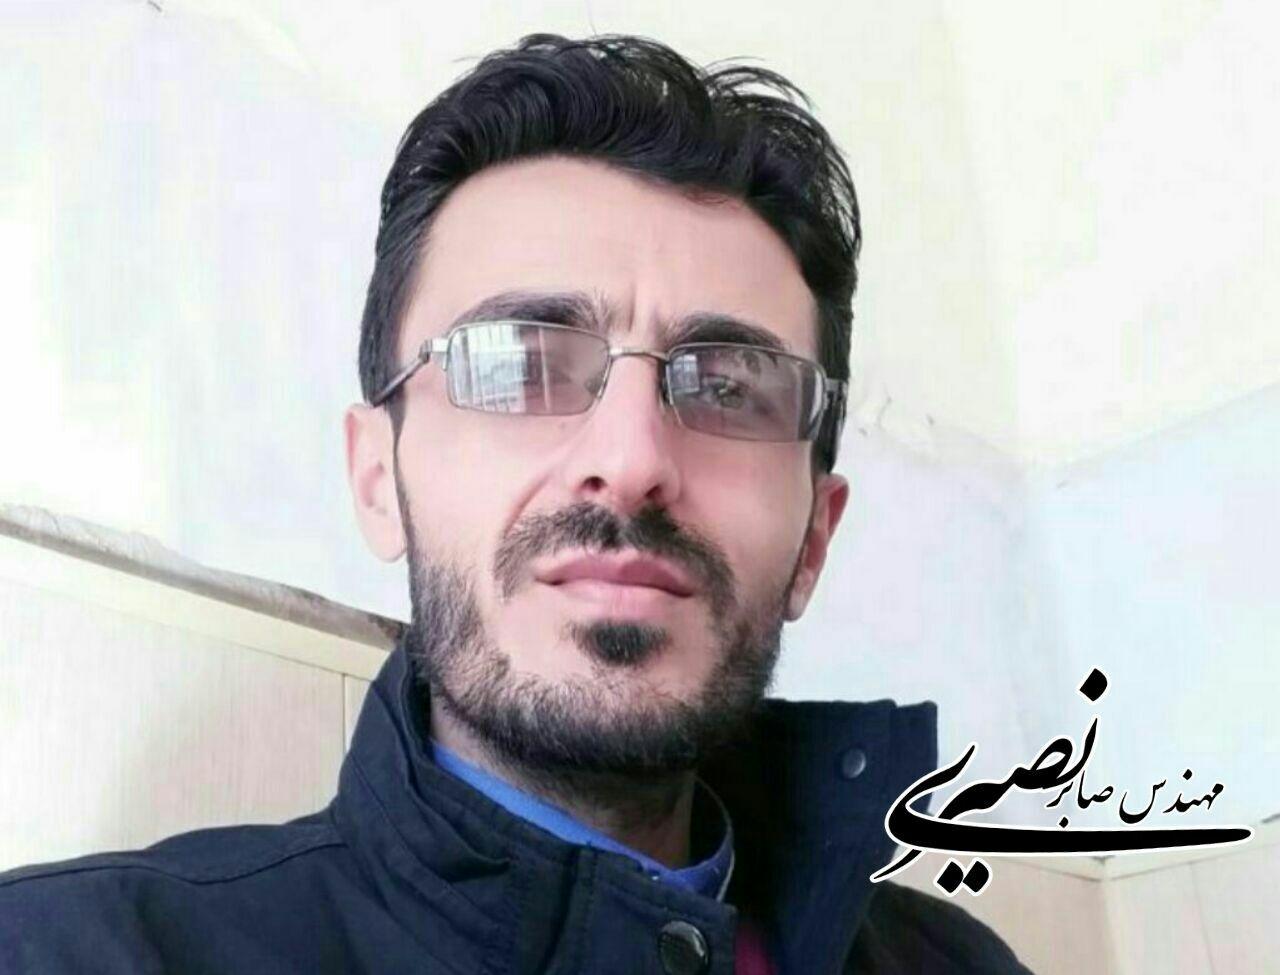 رشته معاندین نظام در تونس سازی ایران پنبه شد